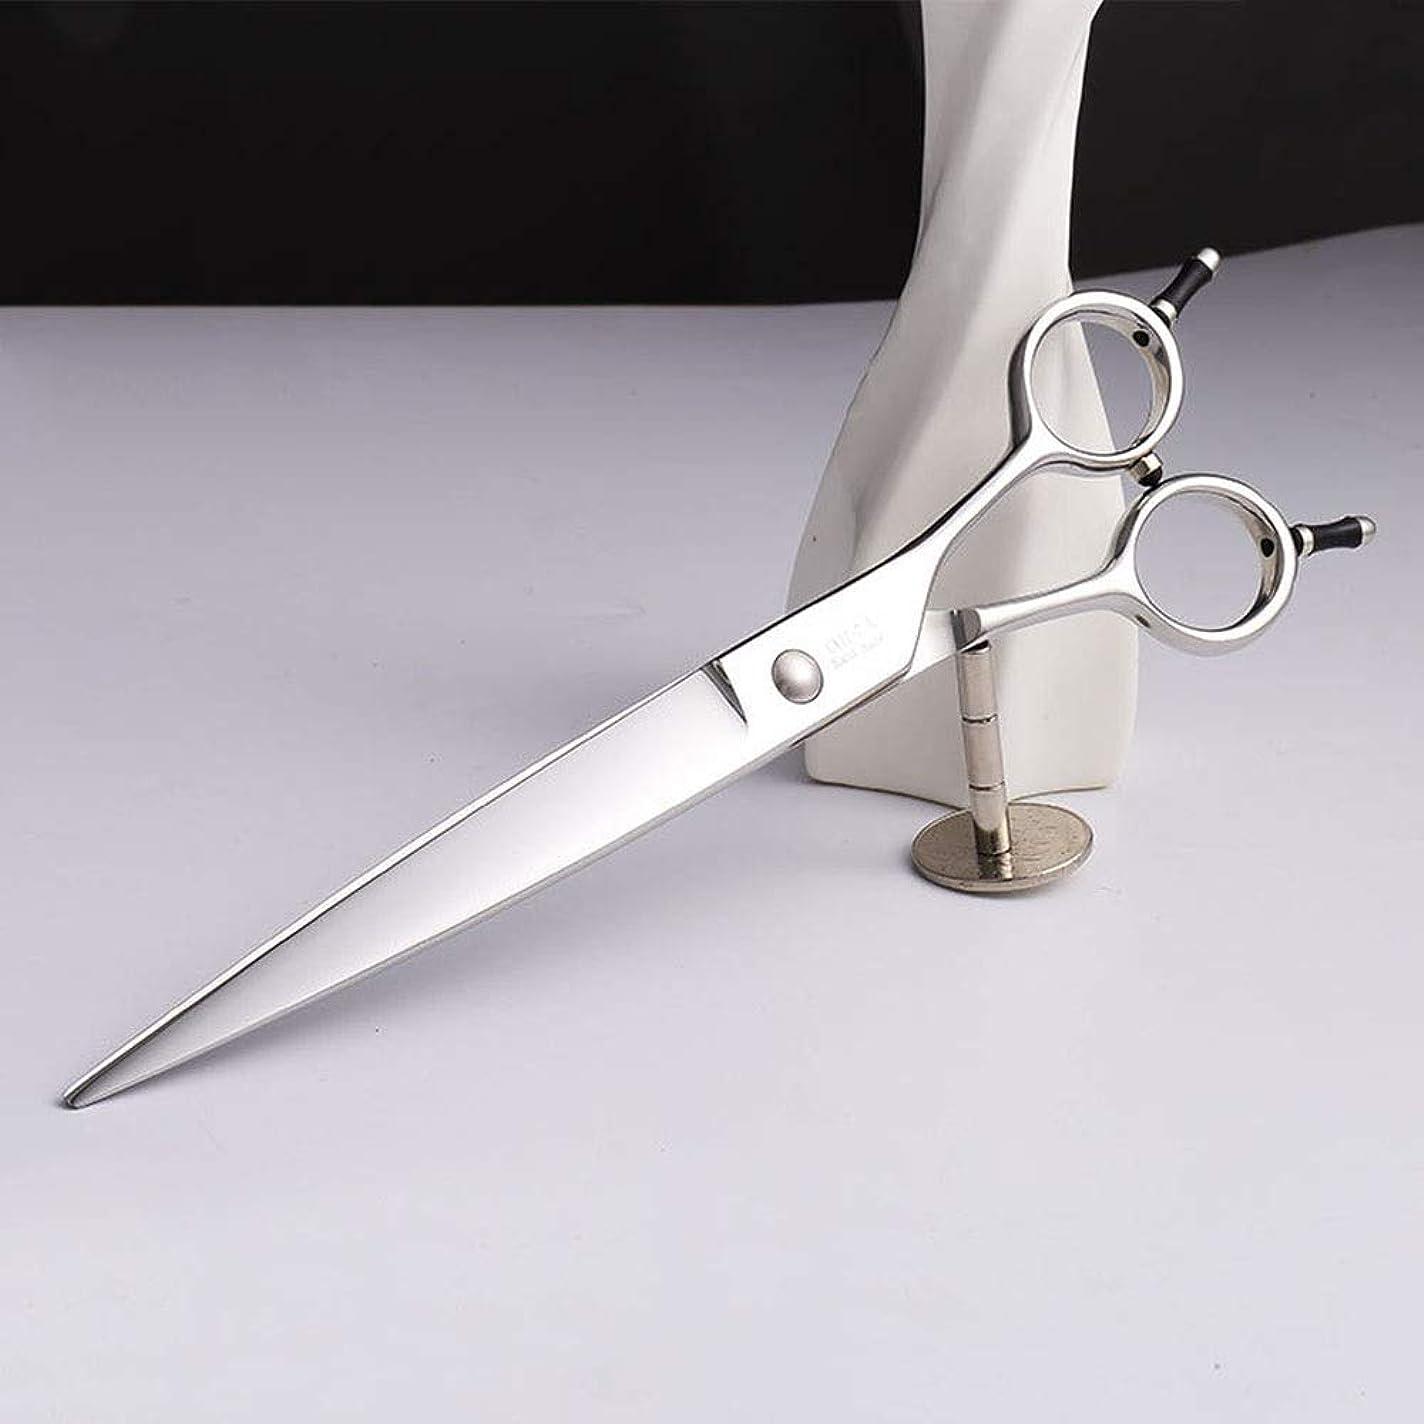 しゃがむ病院プレビスサイト7.5インチペット用グルーミングハサミ、犬用グルーミング理髪ツール、440C高級ペット用フラットシザーはさみ モデリングツール (色 : Silver)